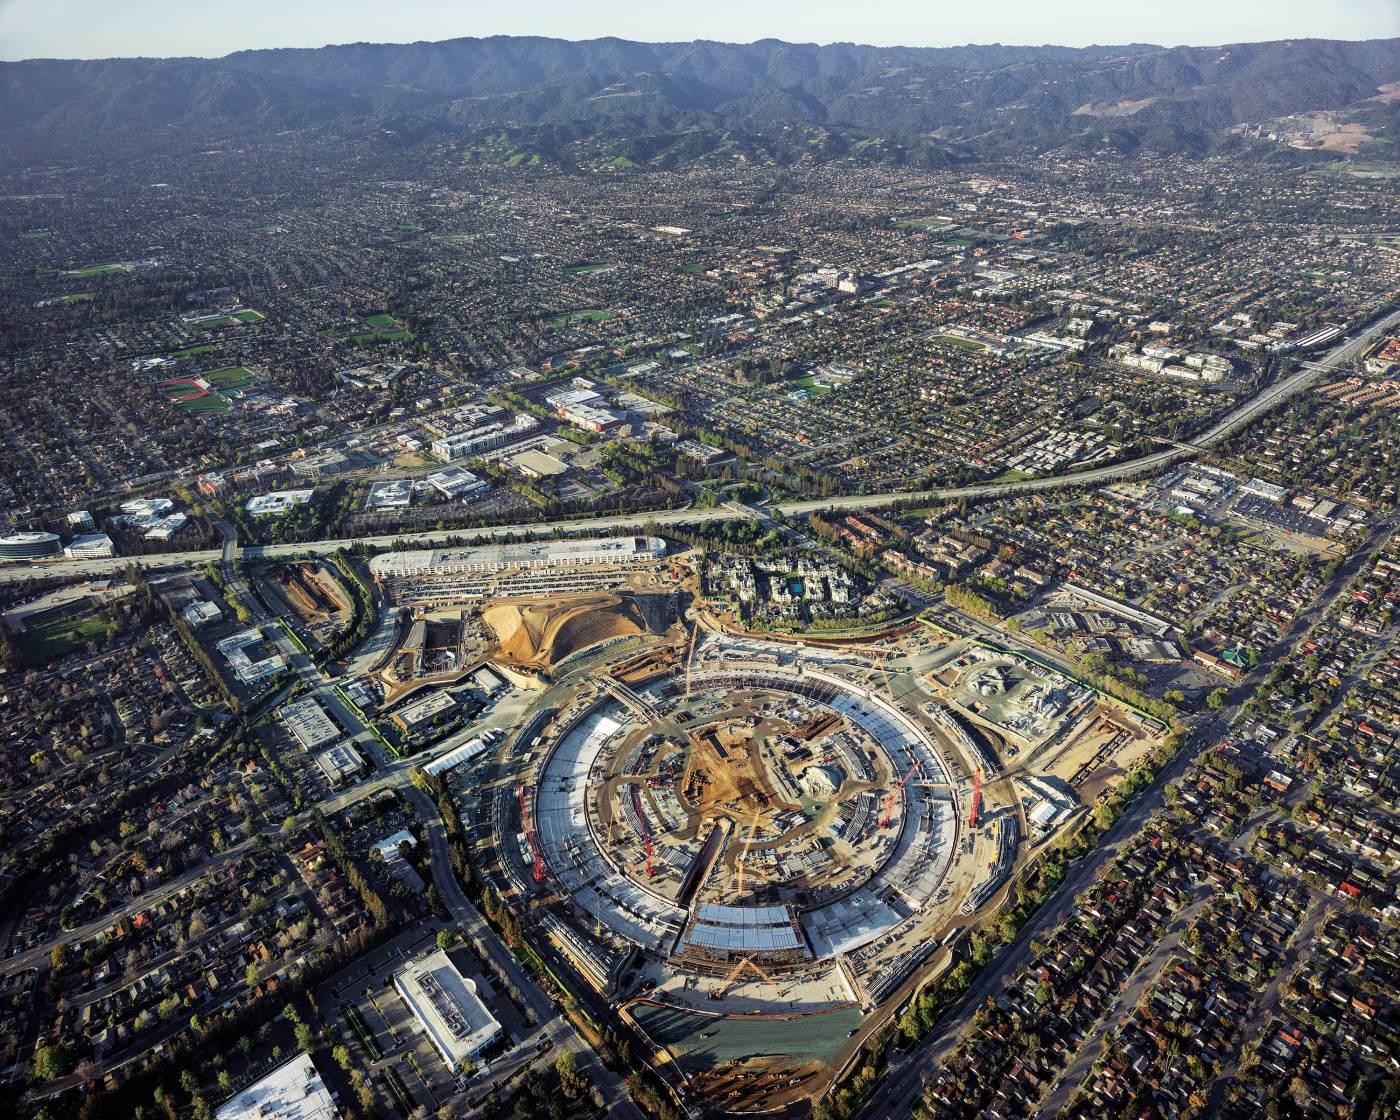 Apple Campus 2 aerial photo